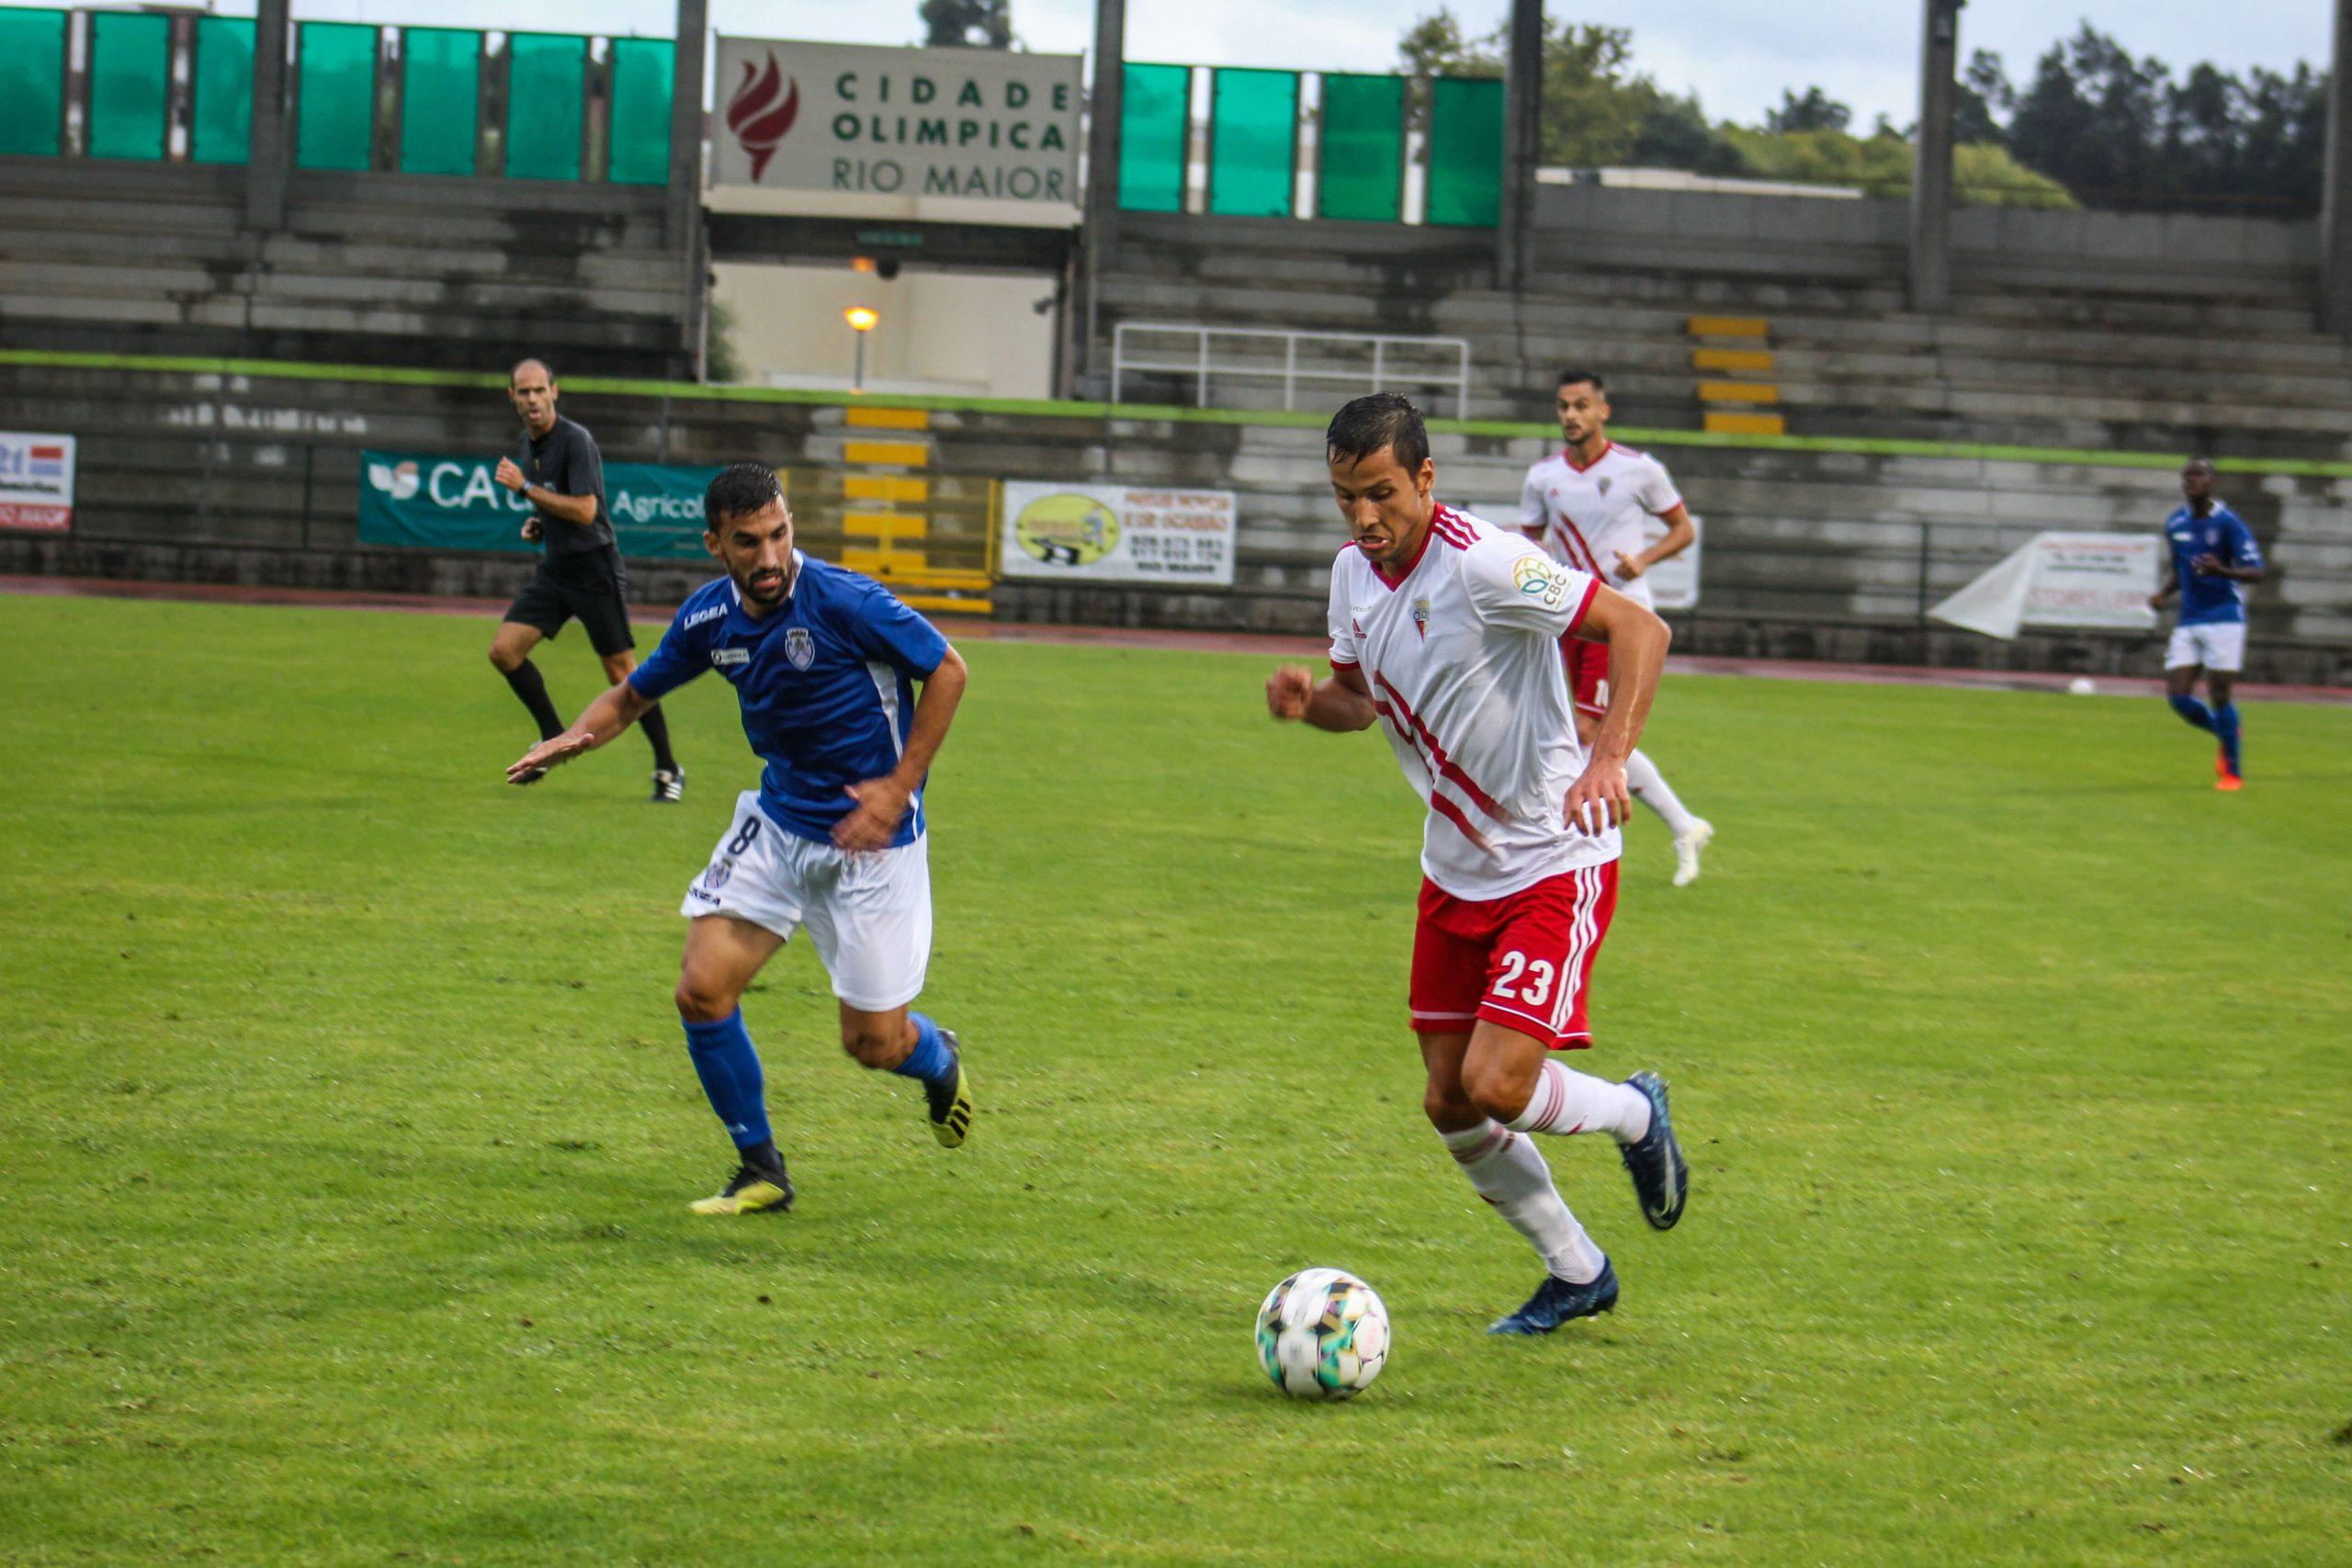 UD Vilafranquense – Feirense